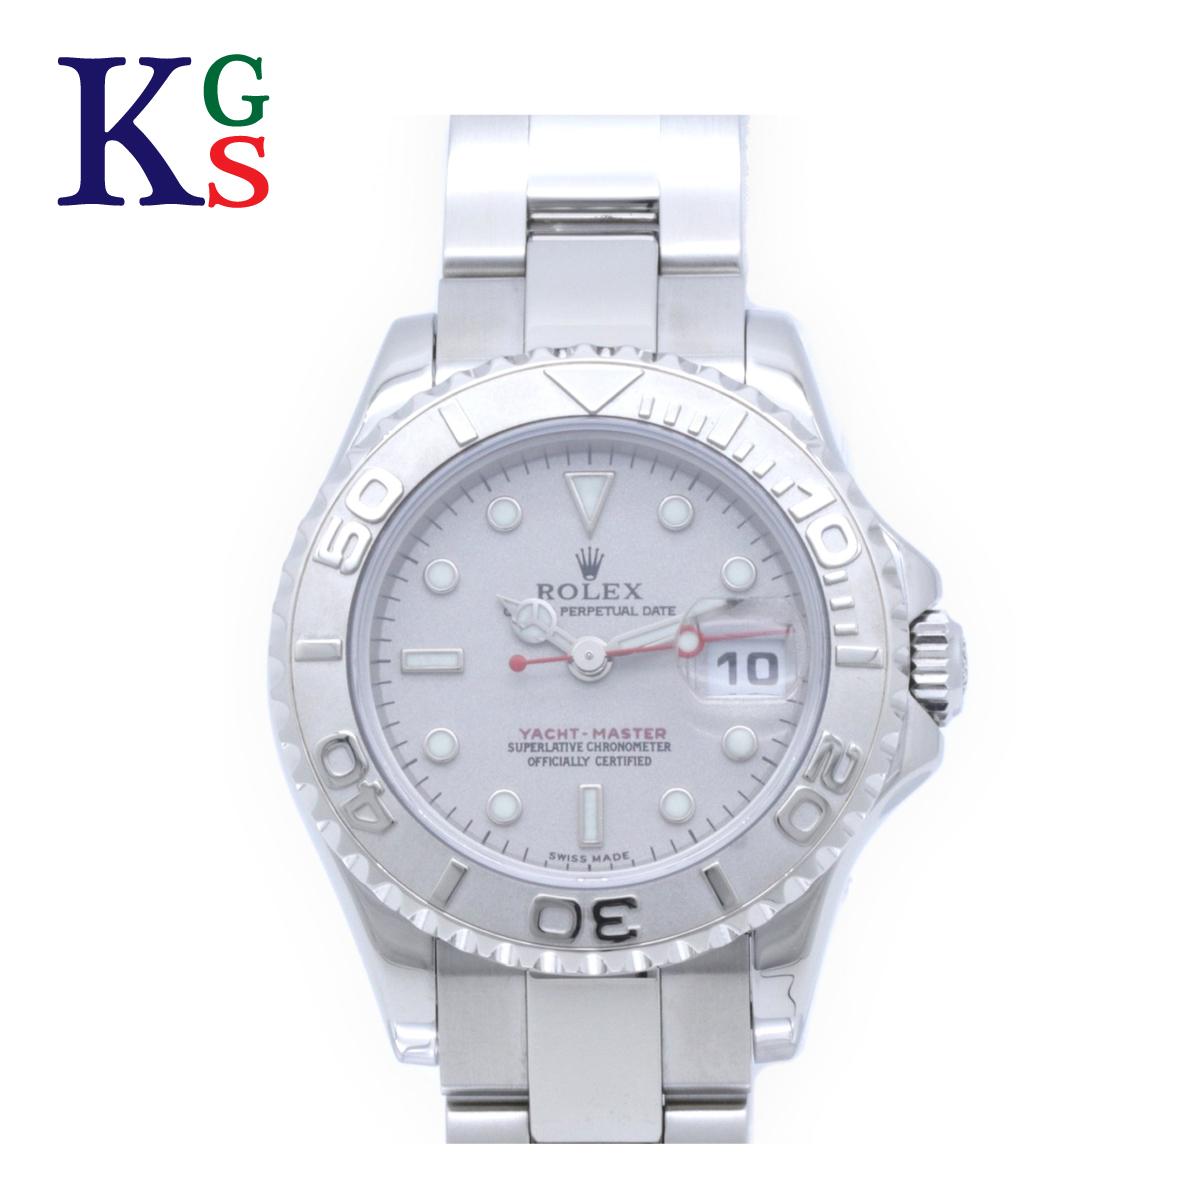 【ギフト品質】ロレックス/ROLEX レディース 腕時計 ヨットマスター ロレジムウ シルバー Pt(プラチナ)×SS 自動巻き 169622